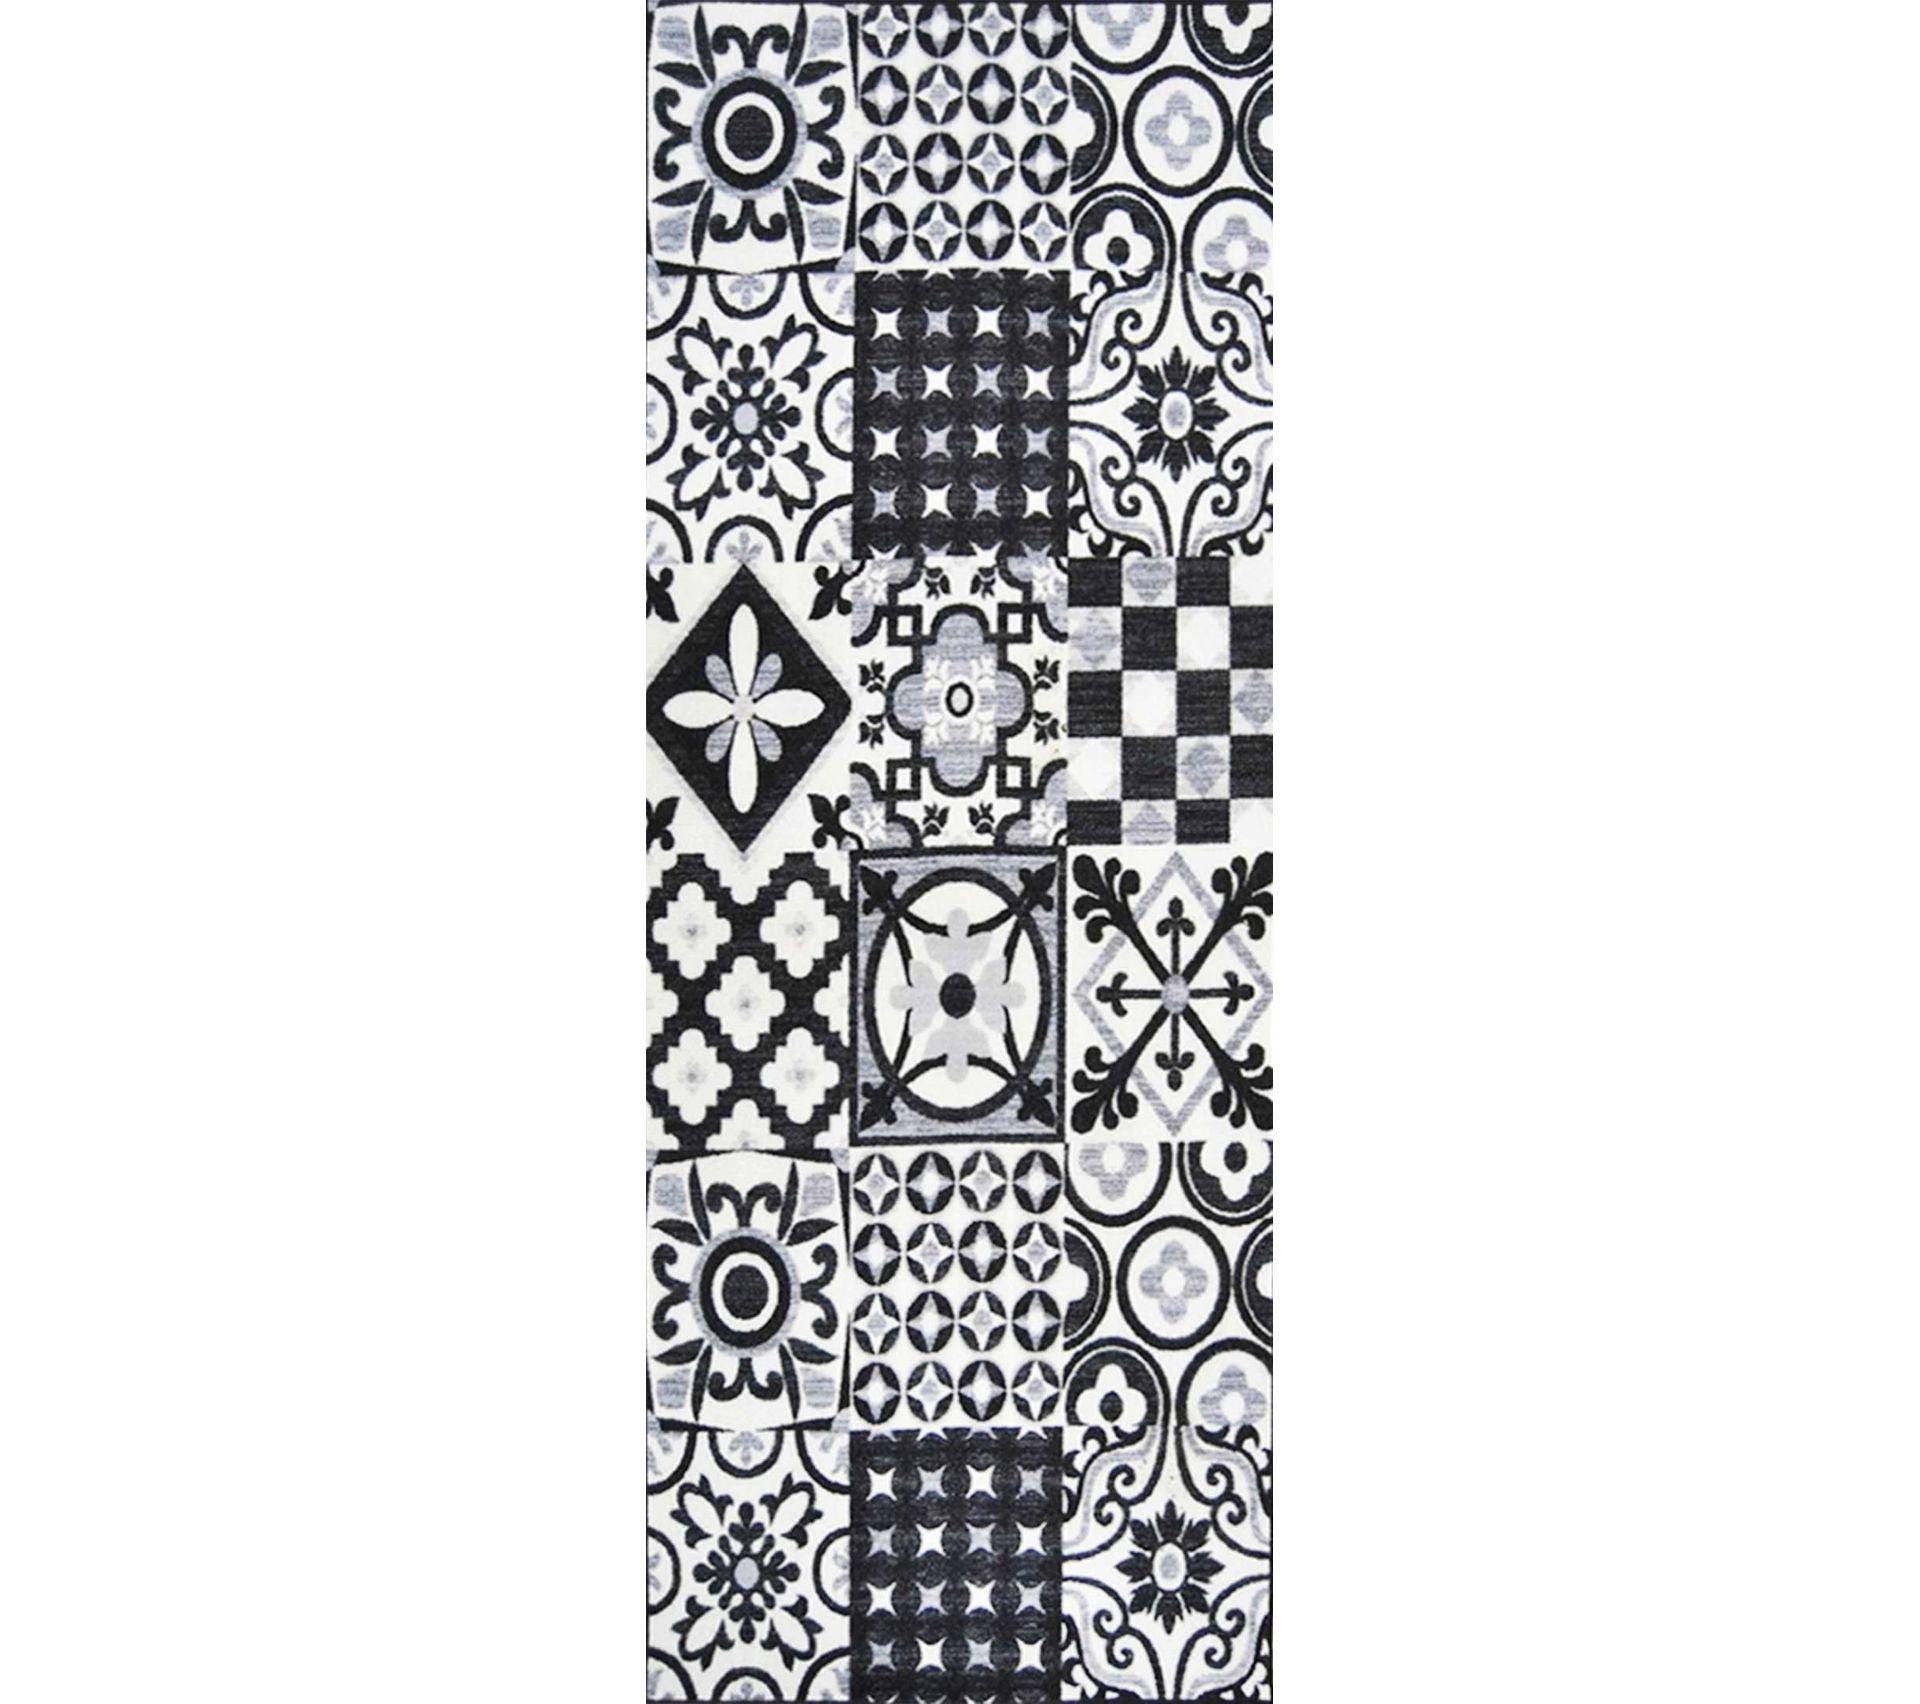 Tapis Effet Carreaux De Ciment tapis utopia 500 carreaux de ciment 80 x 300 cm